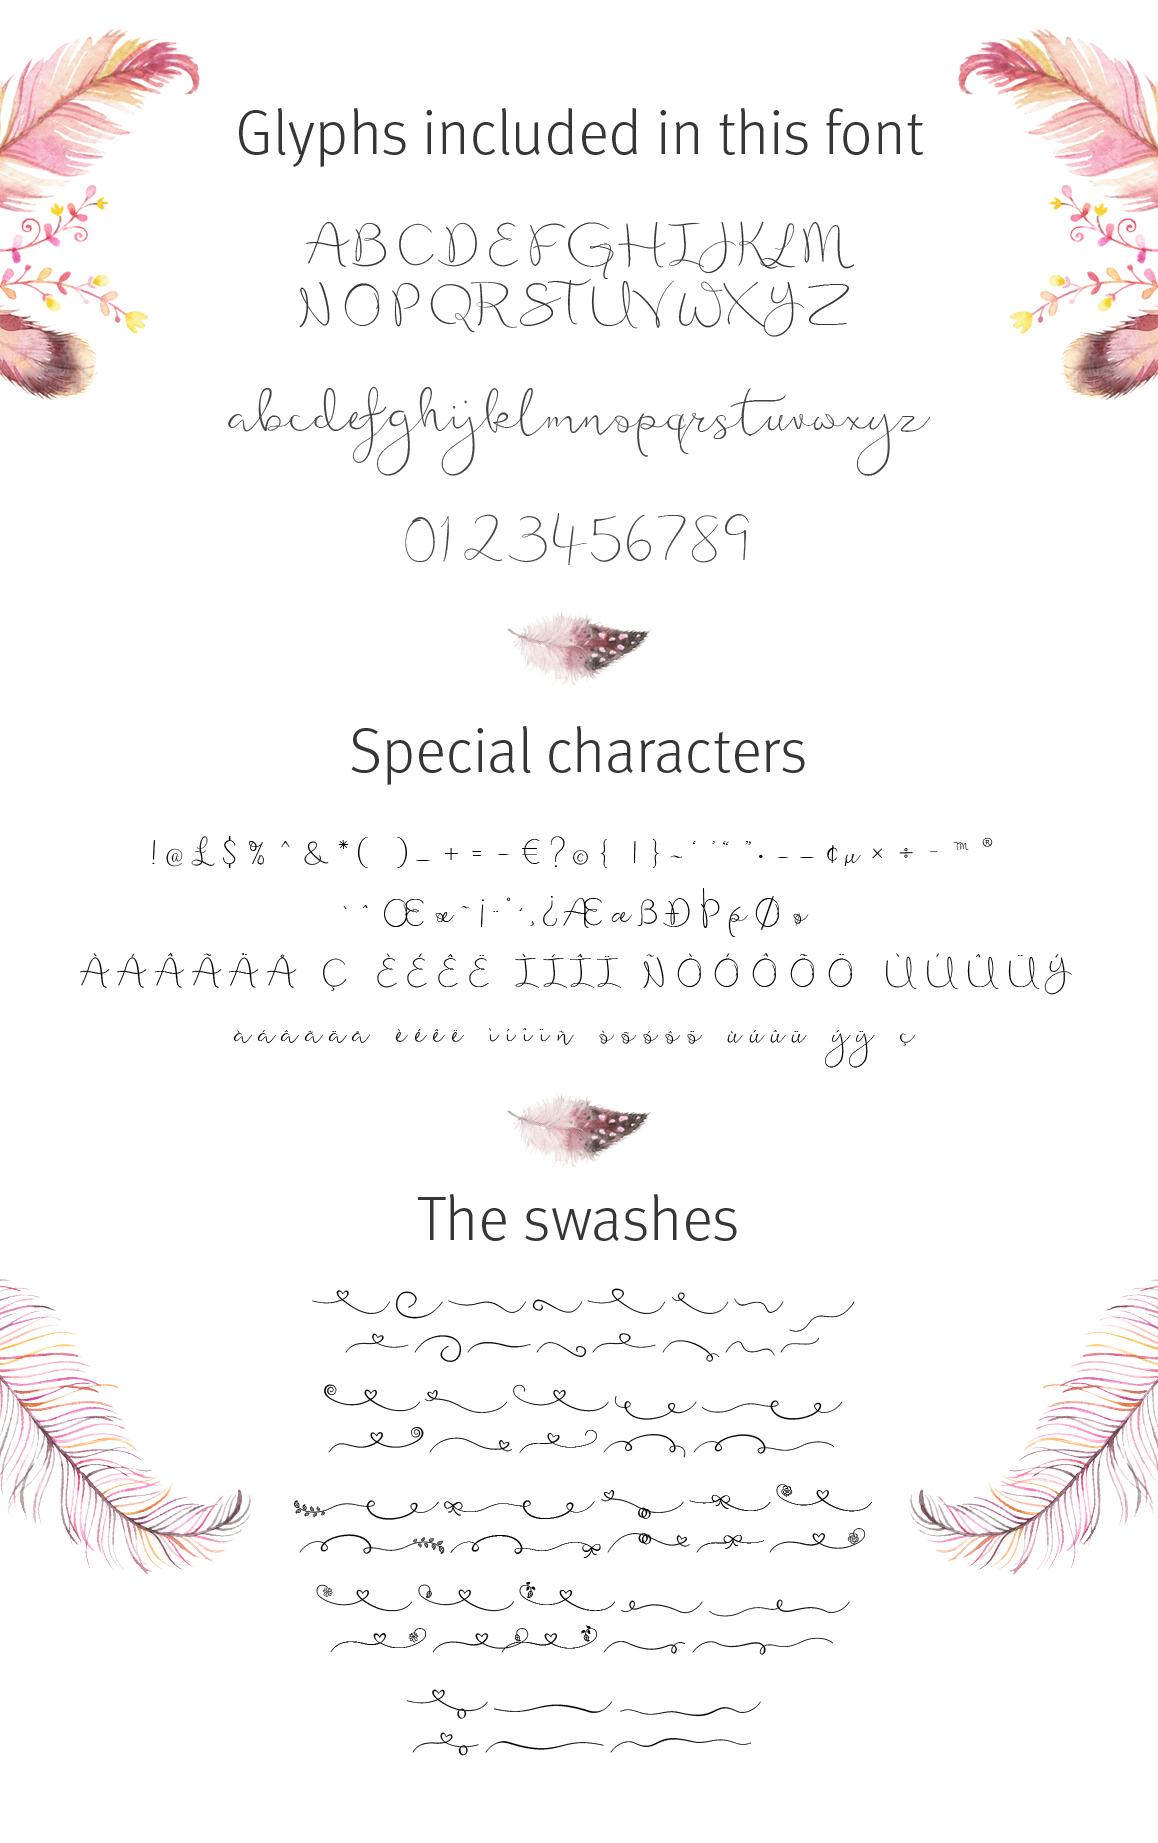 Featherly Font - wedding font example image 3